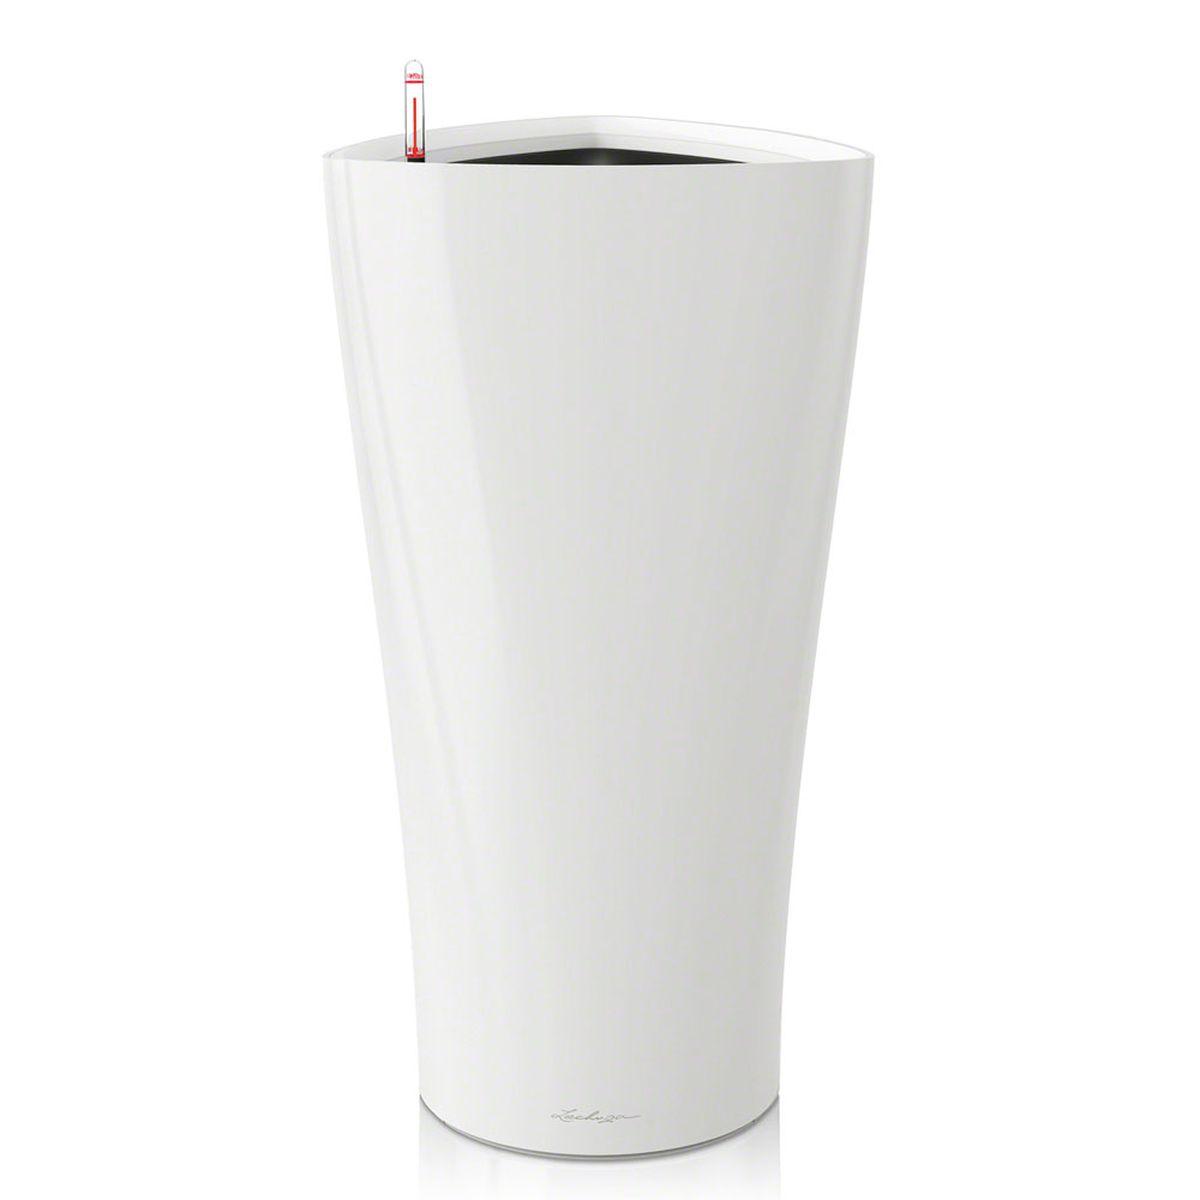 Кашпо Lechuza Delta, с системой автополива, цвет: белый, 40 х 40 х 75 см15540Кашпо Lechuza Delta, выполненное из высококачественного пластика, имеет уникальную систему автополива, благодаря которой корневая система растения непрерывно снабжается влагой из резервуара. Уровень воды в резервуаре контролируется с помощью специального индикатора. В зависимости от размера кашпо и растения воды хватает на 2-12 недель. Это способствует хорошему росту цветов и предотвращает переувлажнение.В набор входит: кашпо, внутренний горшок, индикатор уровня воды, резервуар для воды. Внутренний горшок, оснащенный выдвижными ручками, обеспечивает:- легкую переноску даже высоких растений;- легкую смену растений;- можно также просто убрать растения на зиму;- винт в днище позволяет стечь излишней дождевой воде наружу.Кашпо Lechuza Delta прекрасно впишется в интерьер больших холлов, террас ресторанов и уютных гостиных. Изделие поможет расставить нужные акценты и придаст помещению вид, соответствующий вашим представлениям.